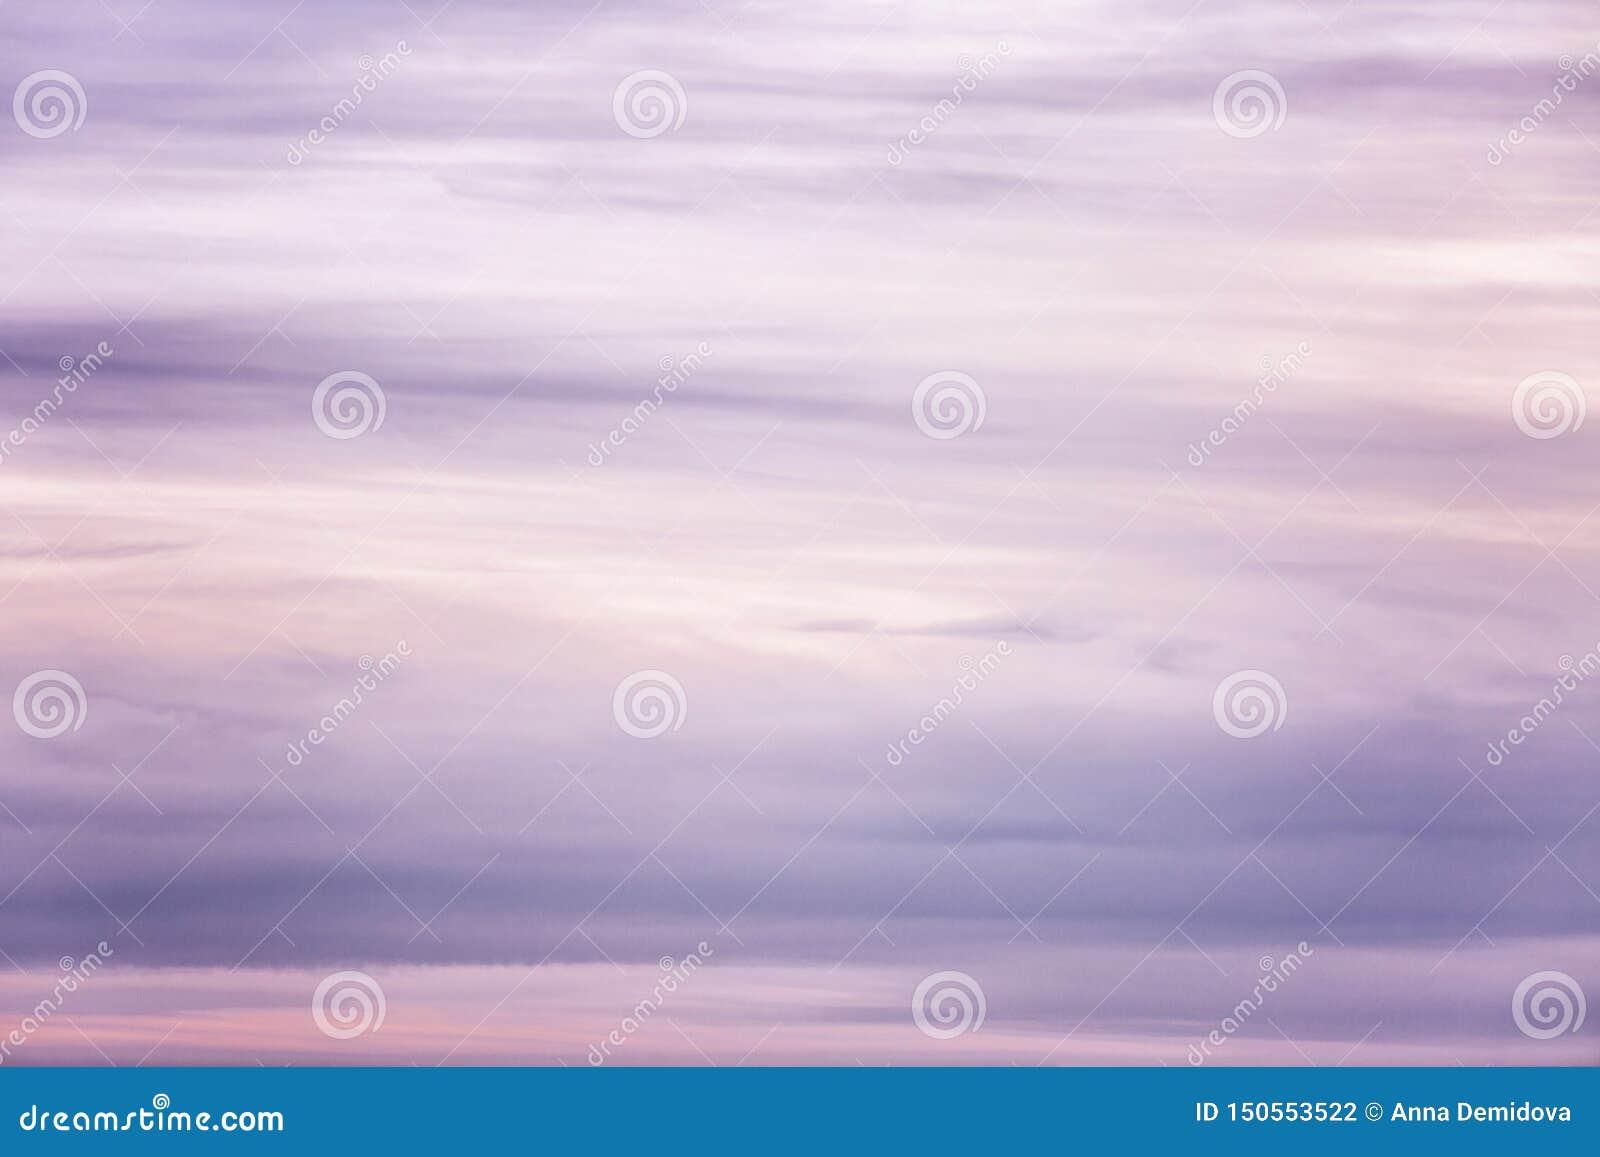 Schöner lila Sonnenuntergang auf dem Himmel, Hintergrund Raum f?r Text